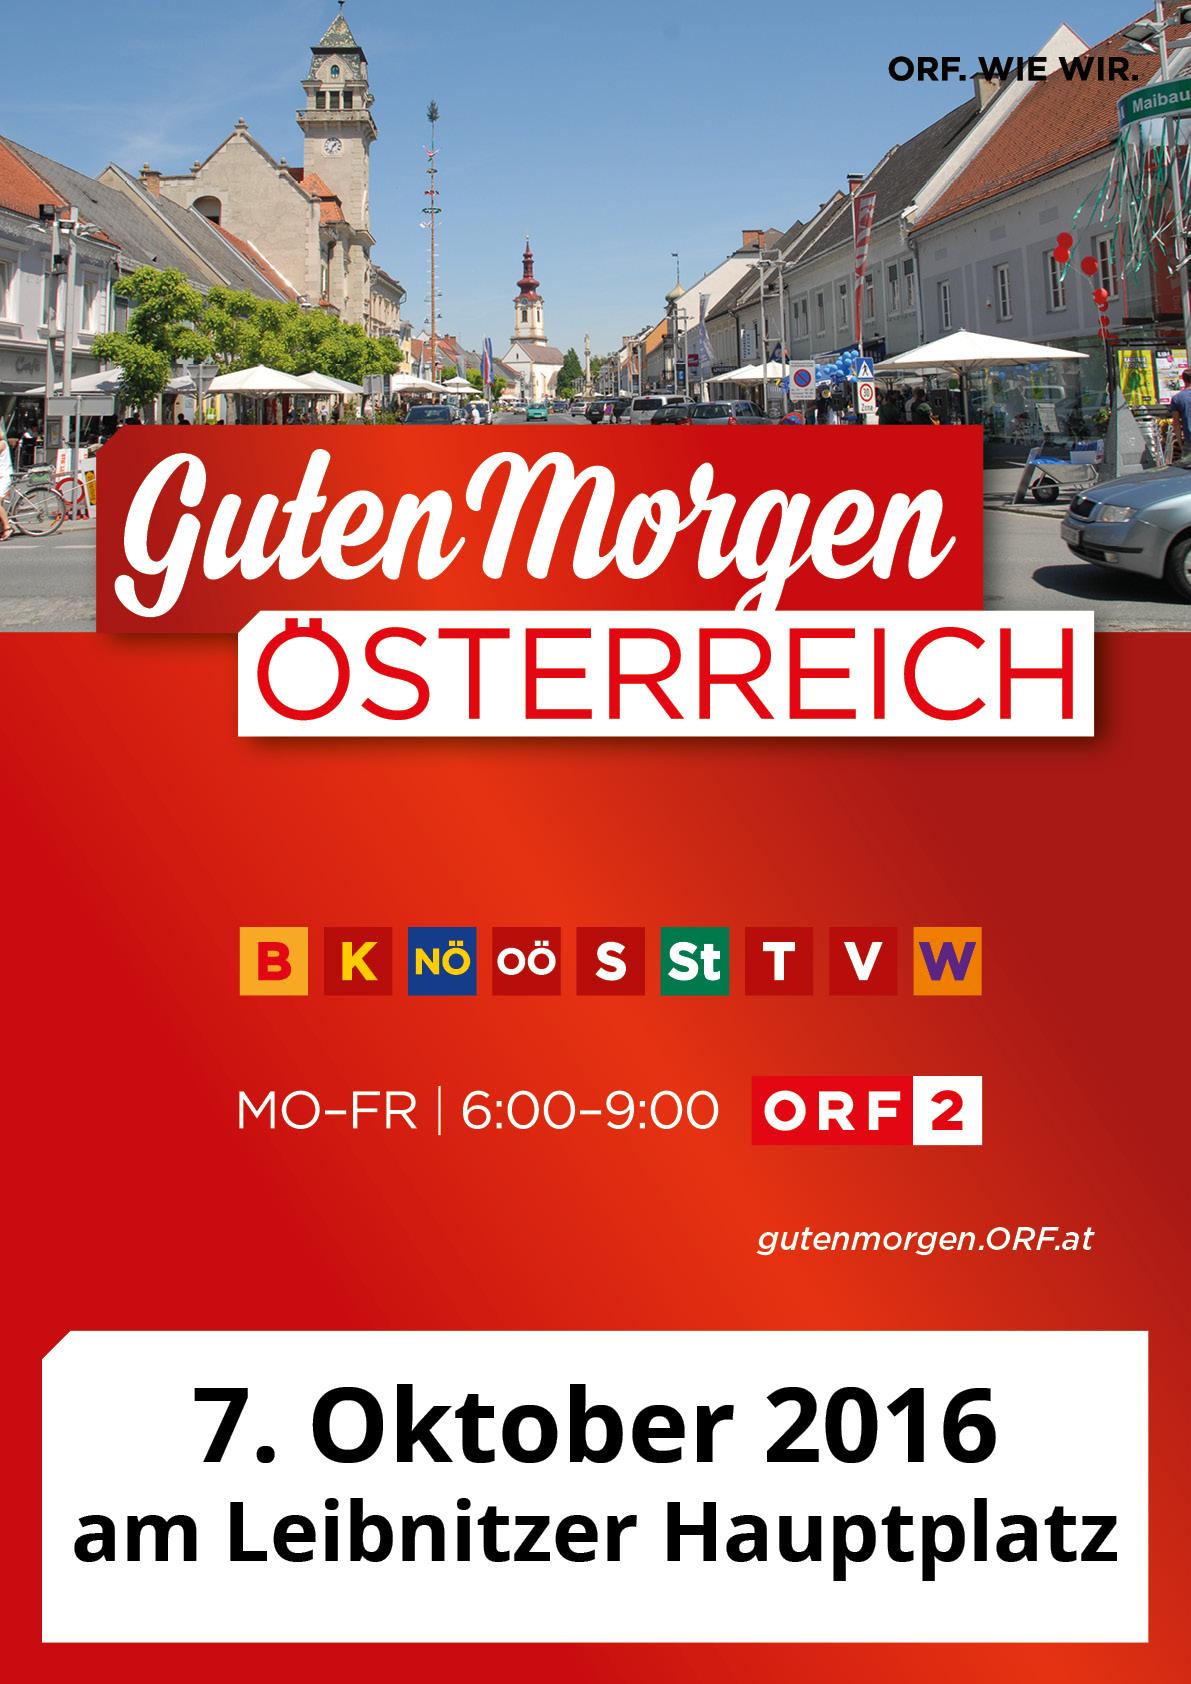 Orf Sendung Guten Morgen österreich Zu Gast In Leibnitz